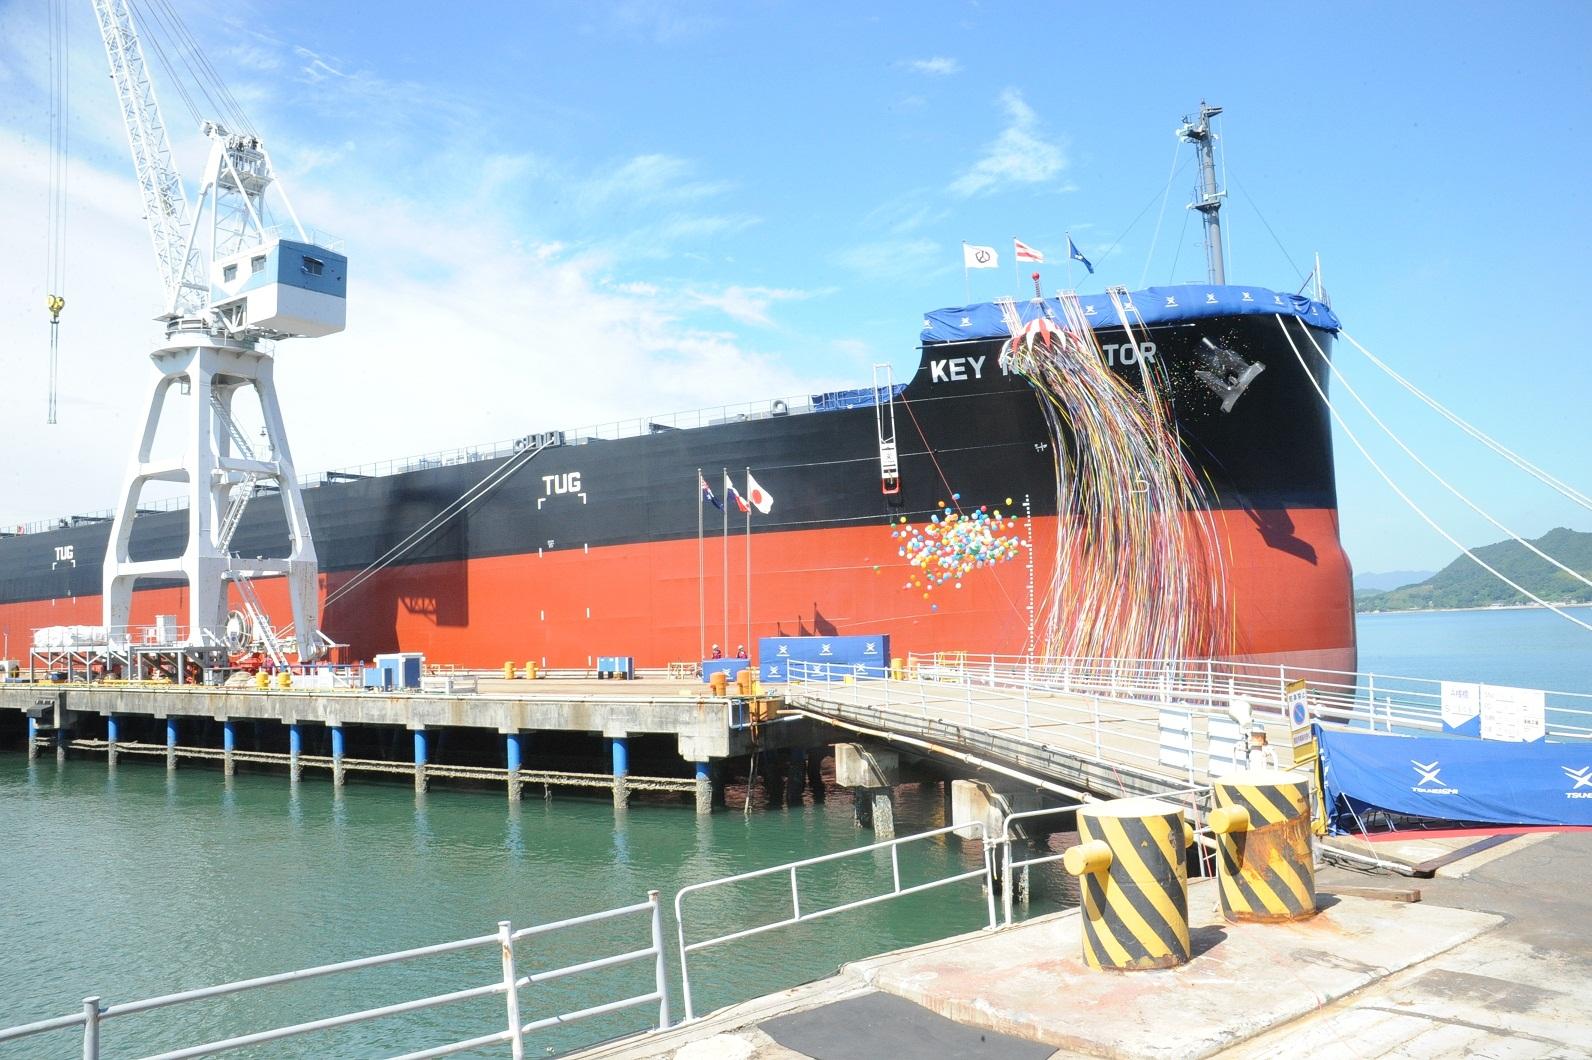 """常石集团的国内建造基地,常石造船株式会社常石工厂,建成、交付了""""卡姆萨型散装货物船""""系列船的第188艘船舶"""